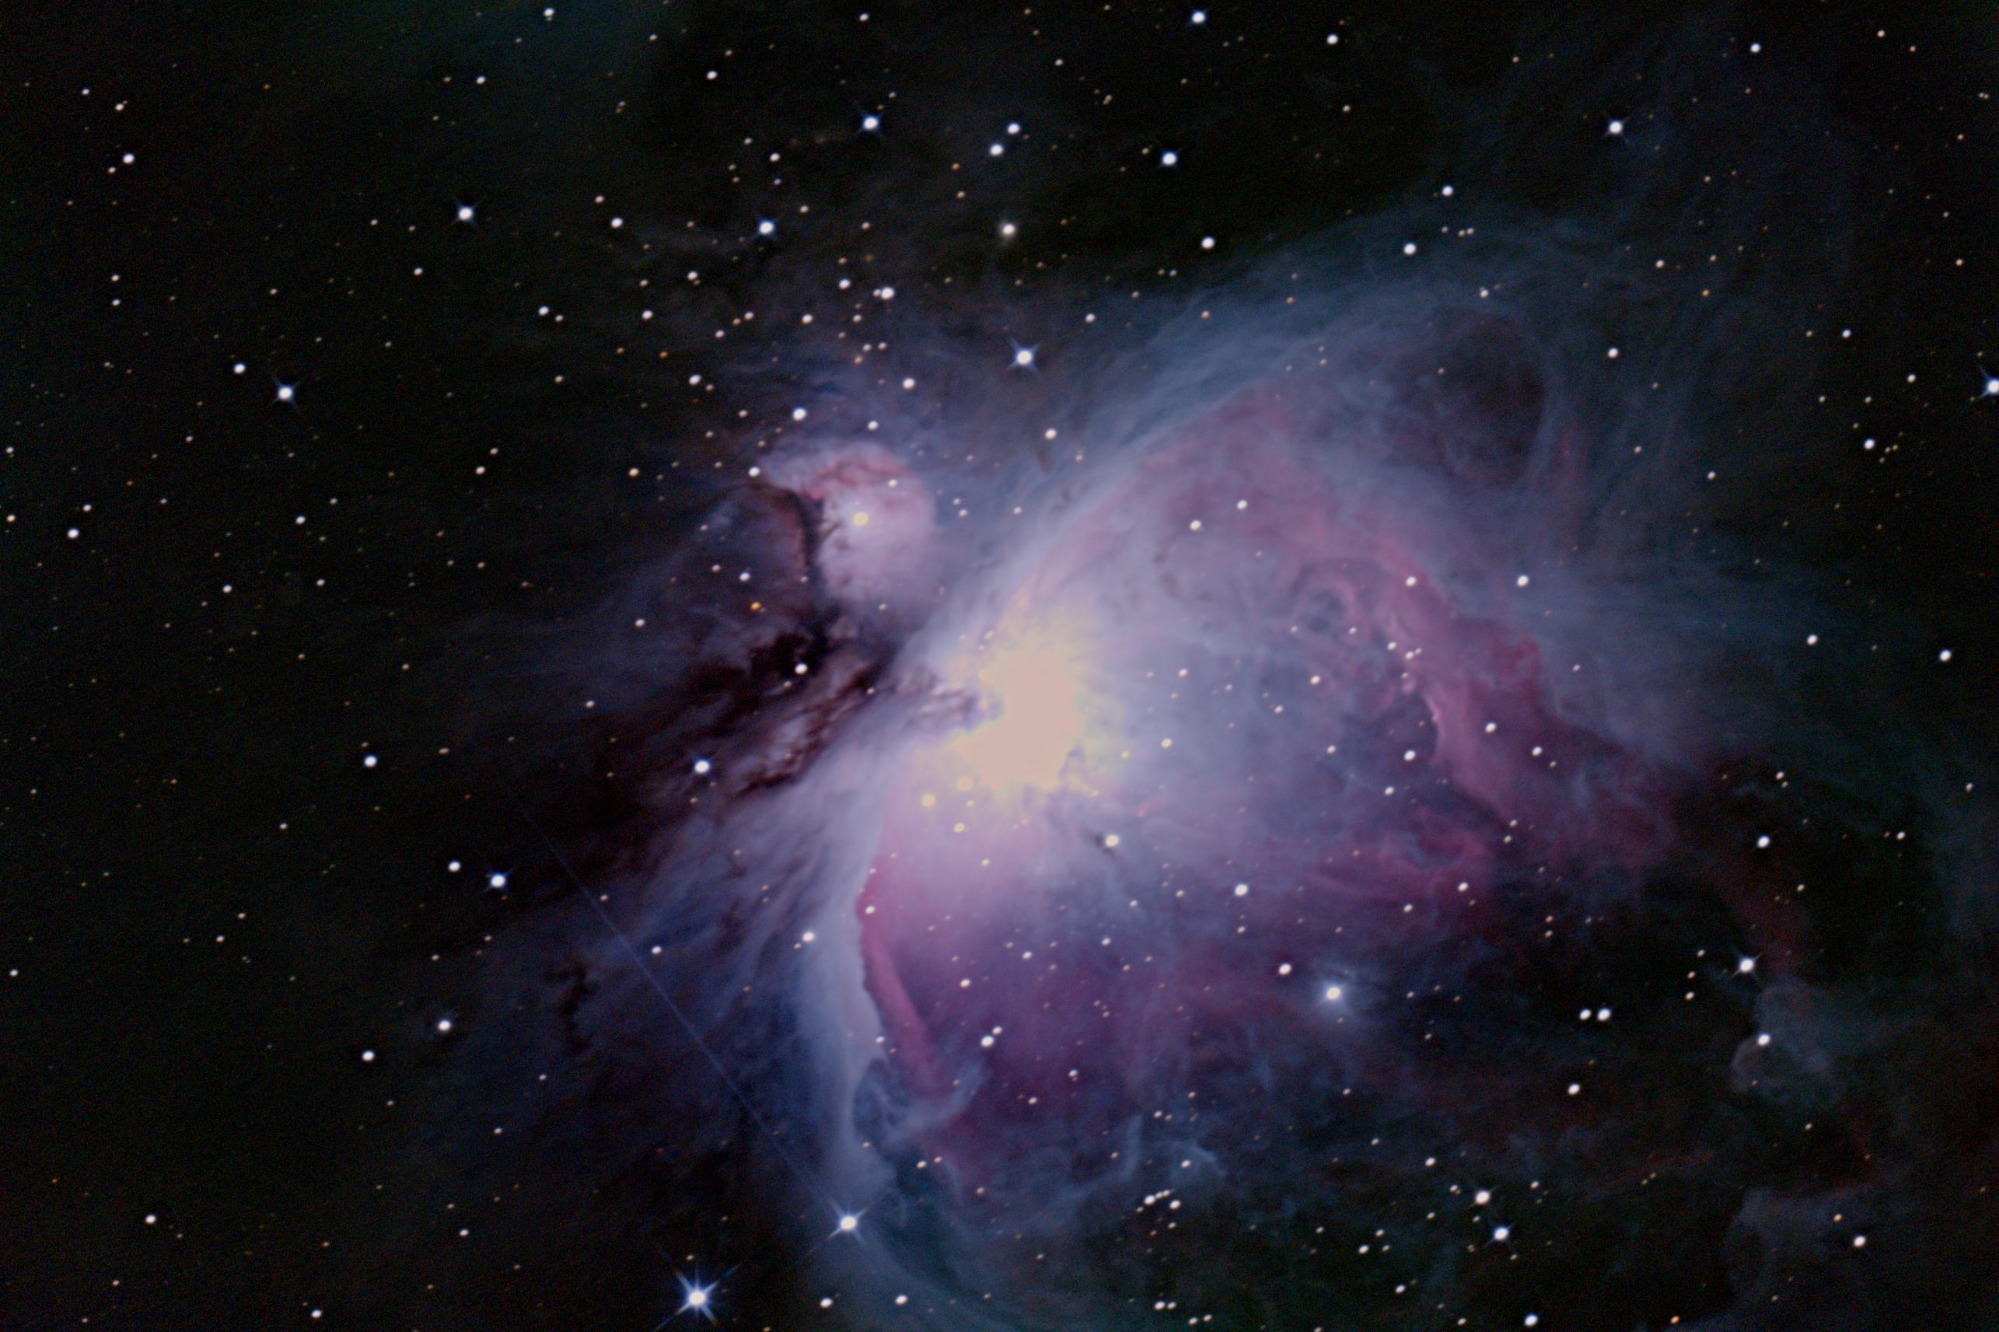 Туманность Ориона (М42), которую сняли в «Веге». Она находится на расстоянии около 1344 световых лет от Земли